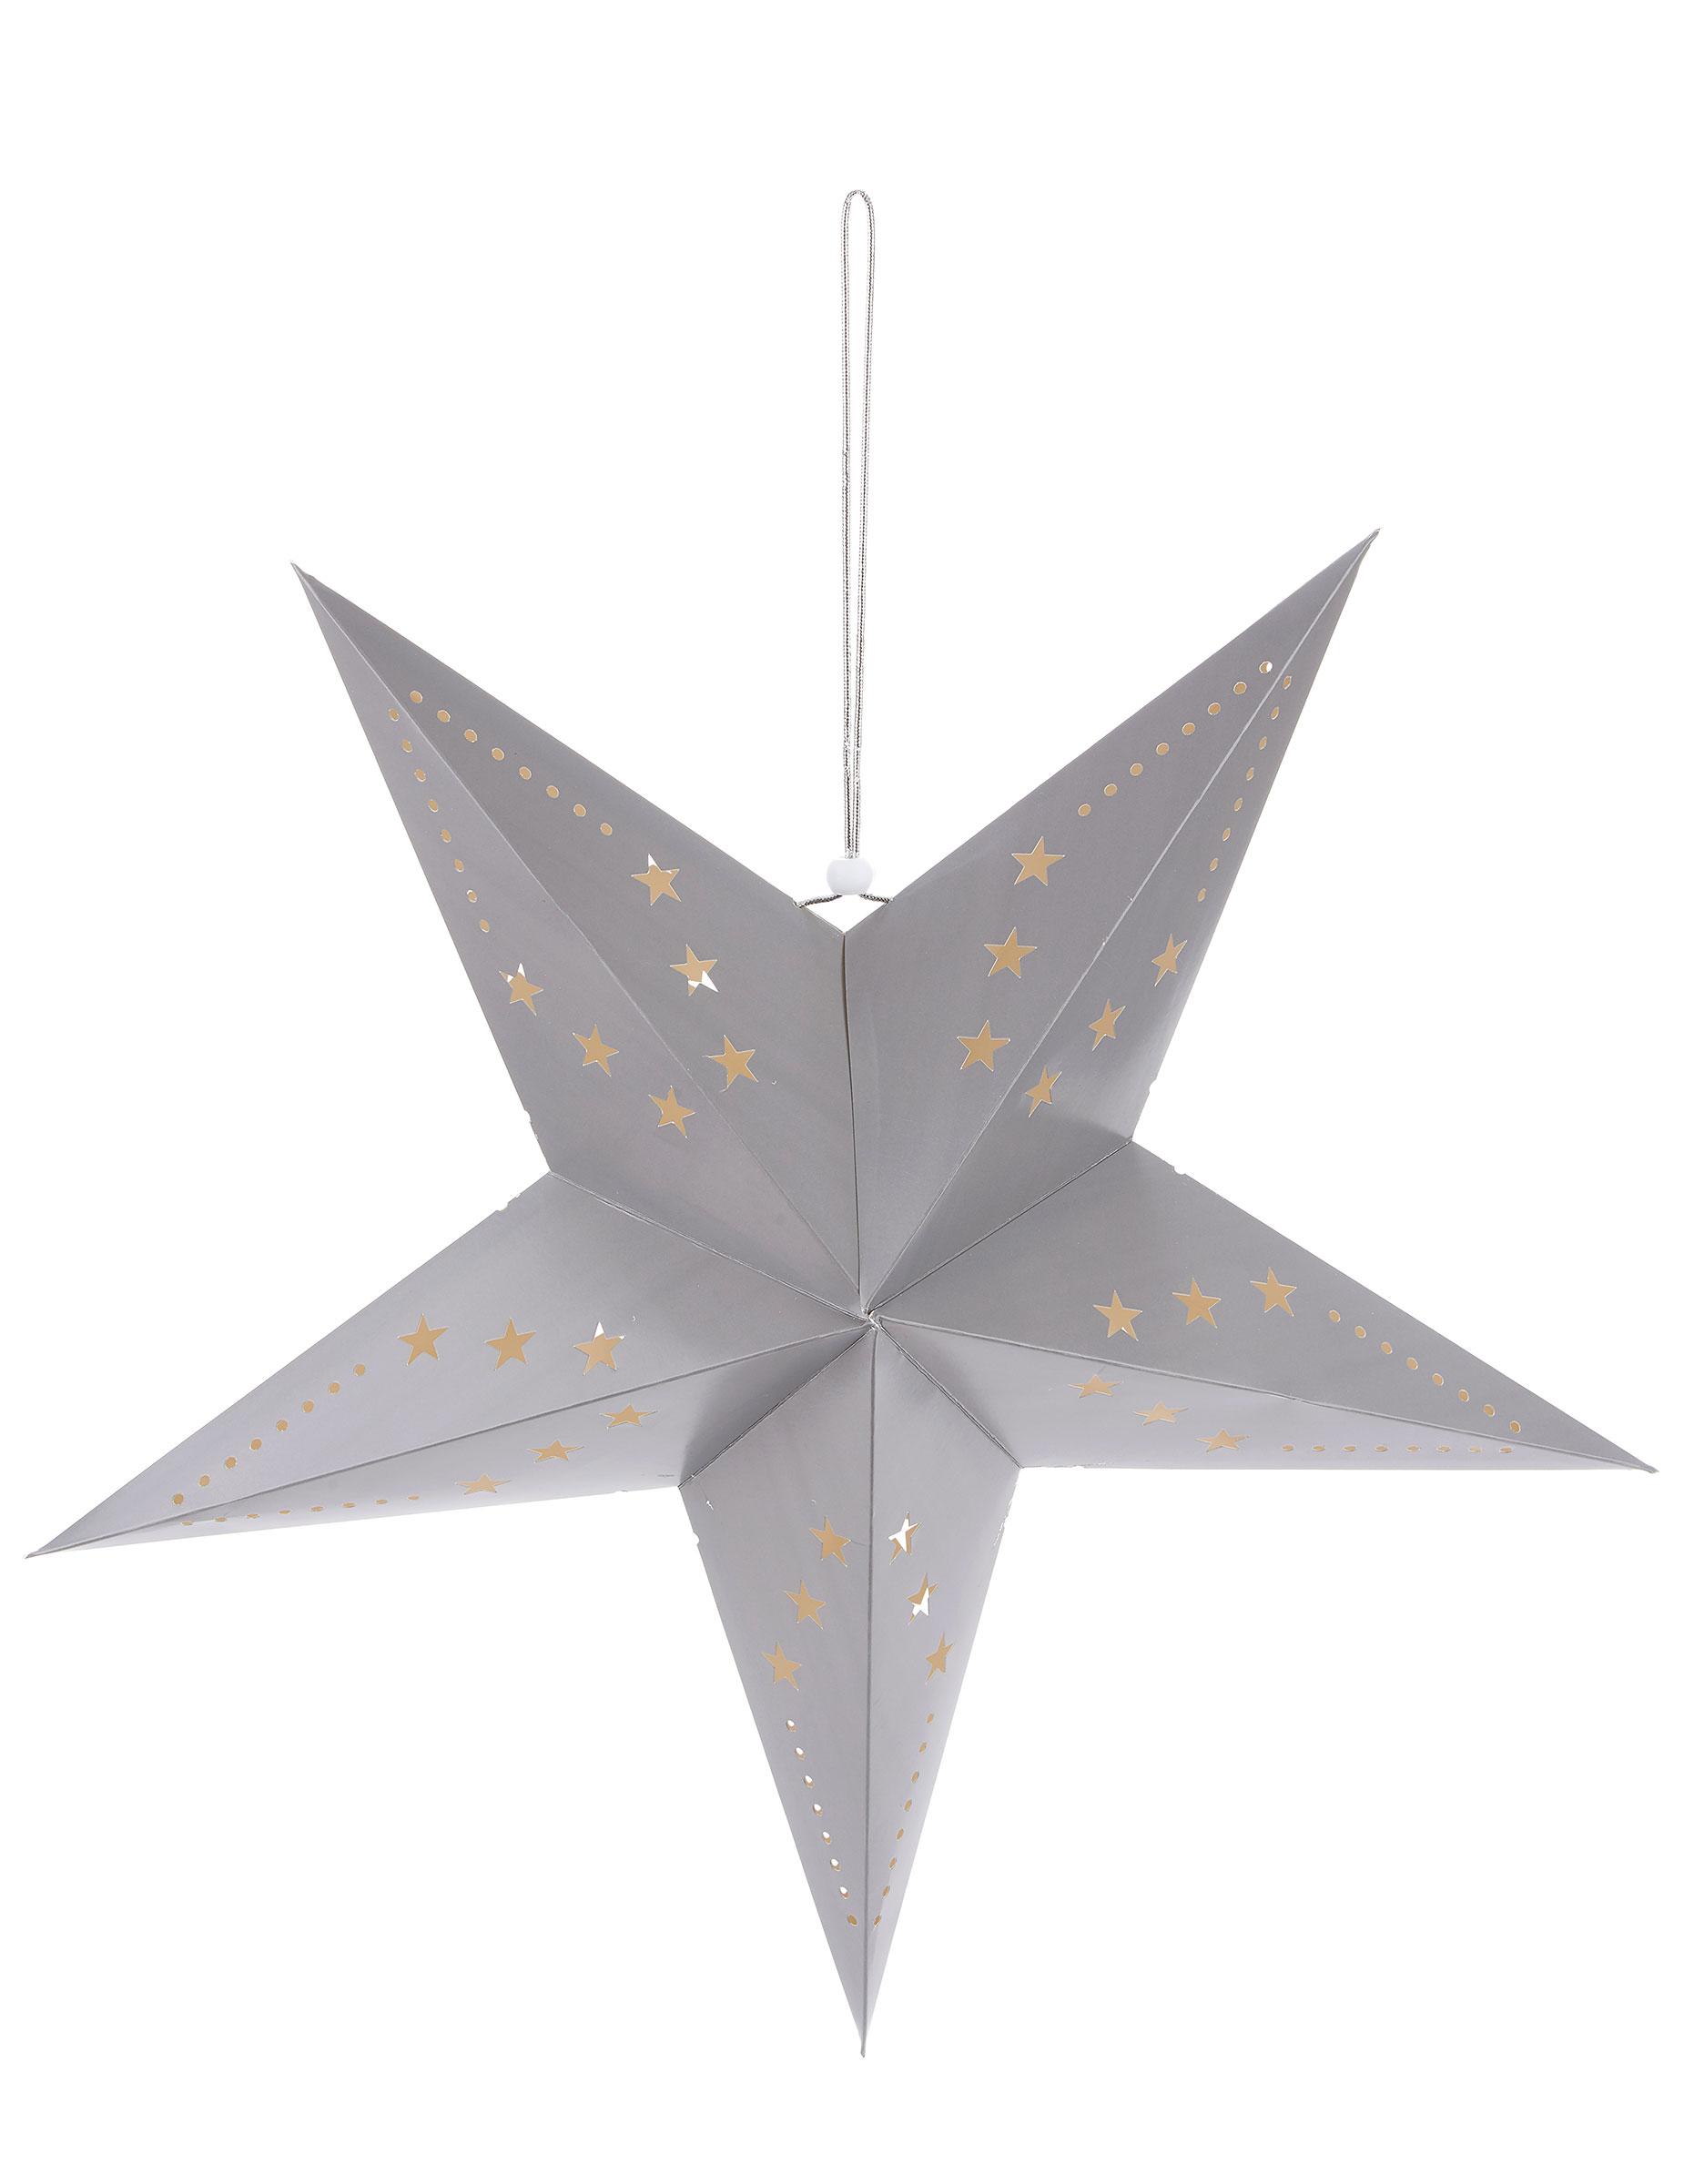 lanterne toile grise 60 cm d coration anniversaire et f tes th me sur vegaoo party. Black Bedroom Furniture Sets. Home Design Ideas